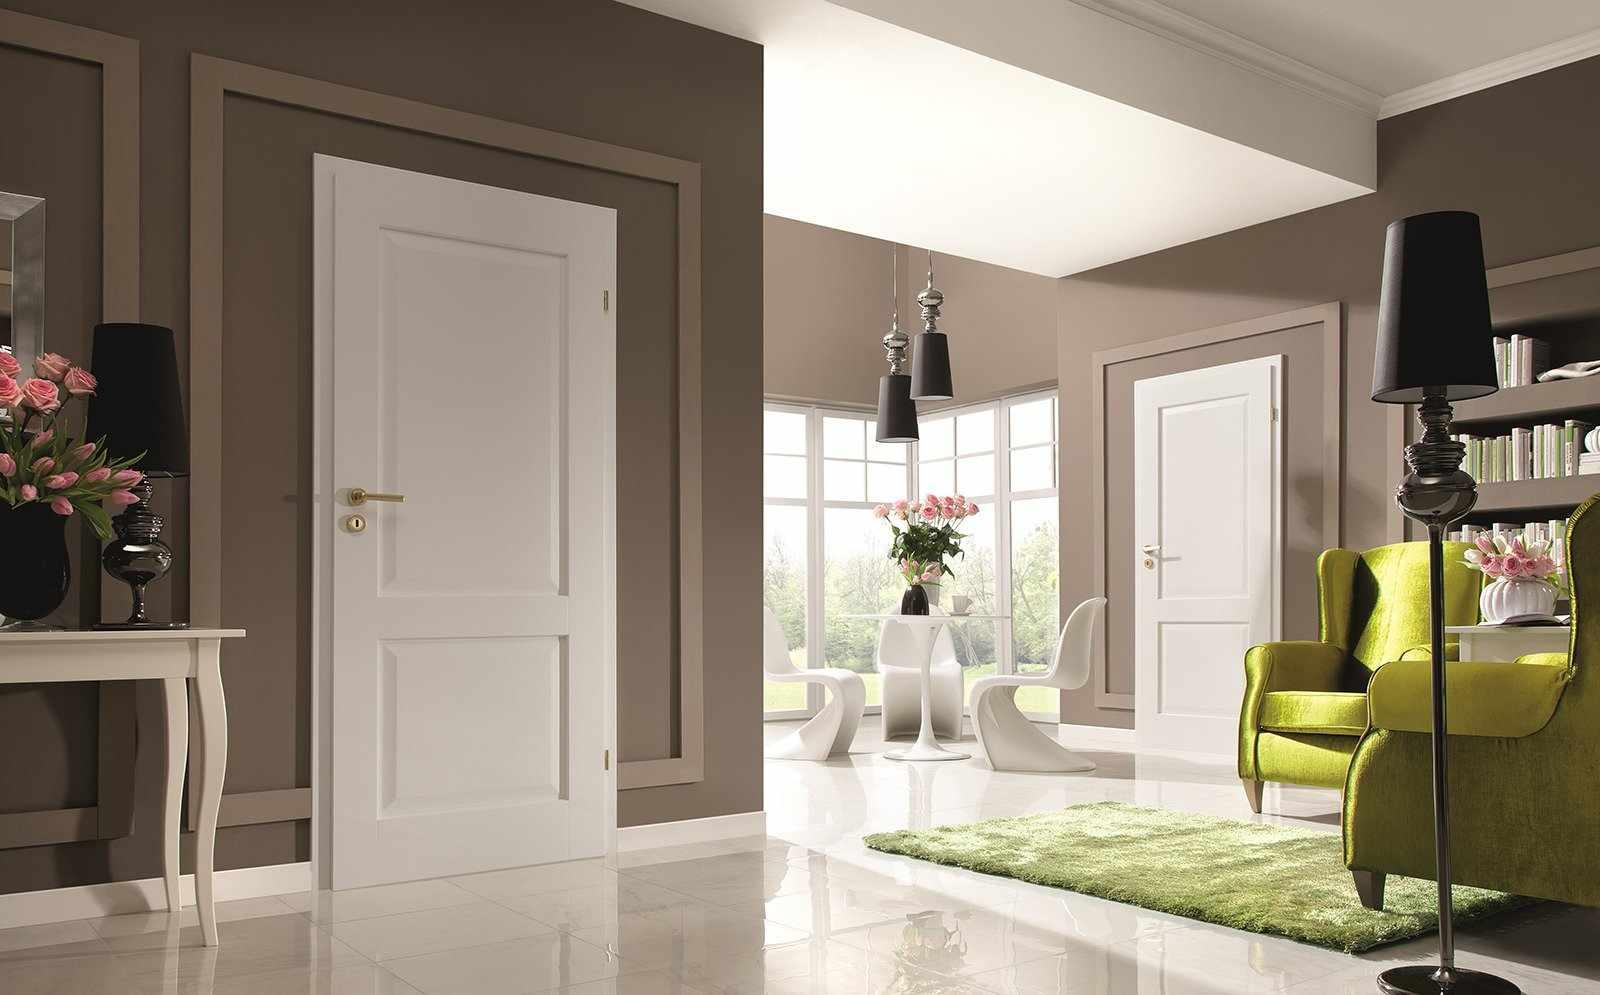 Интерьер со стандартными межкомнатными дверями